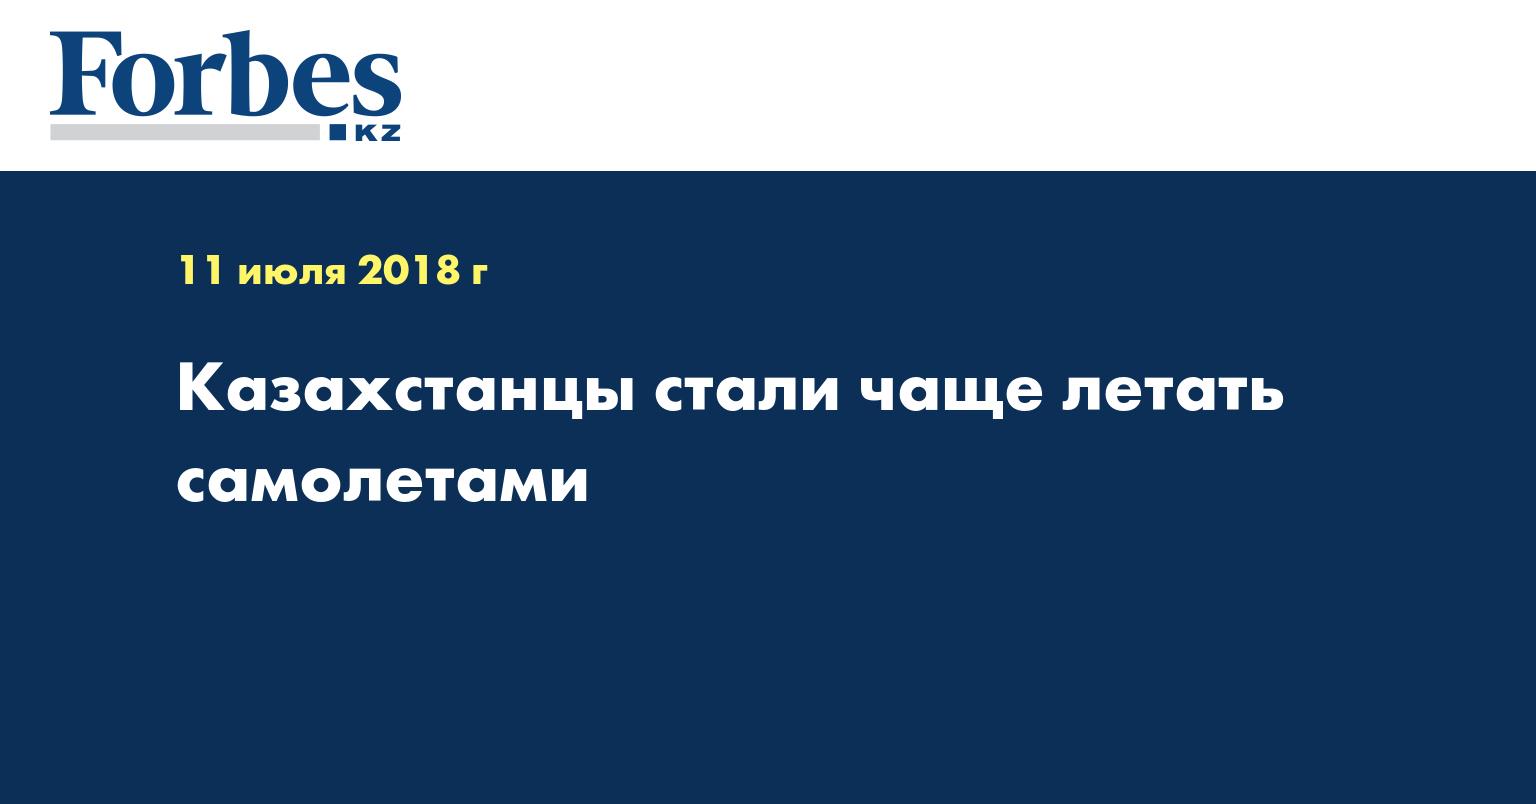 Казахстанцы стали чаще летать самолетами